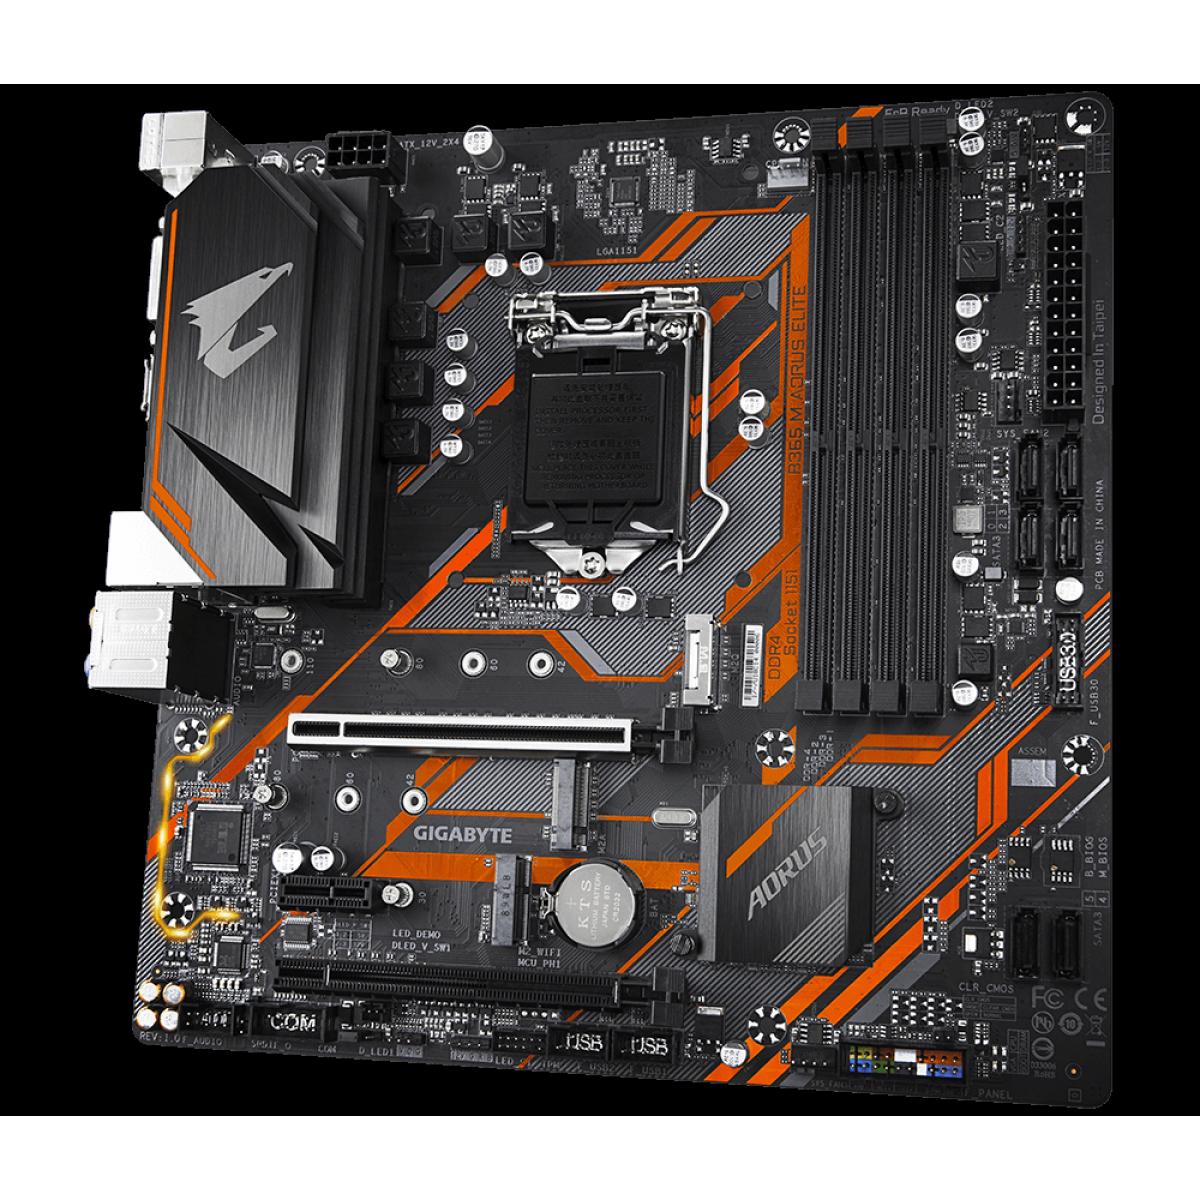 Placa mãe Gigabyte B365M Aorus Elite, Chipset B365, Intel LGA 1151, mATX, DDR4